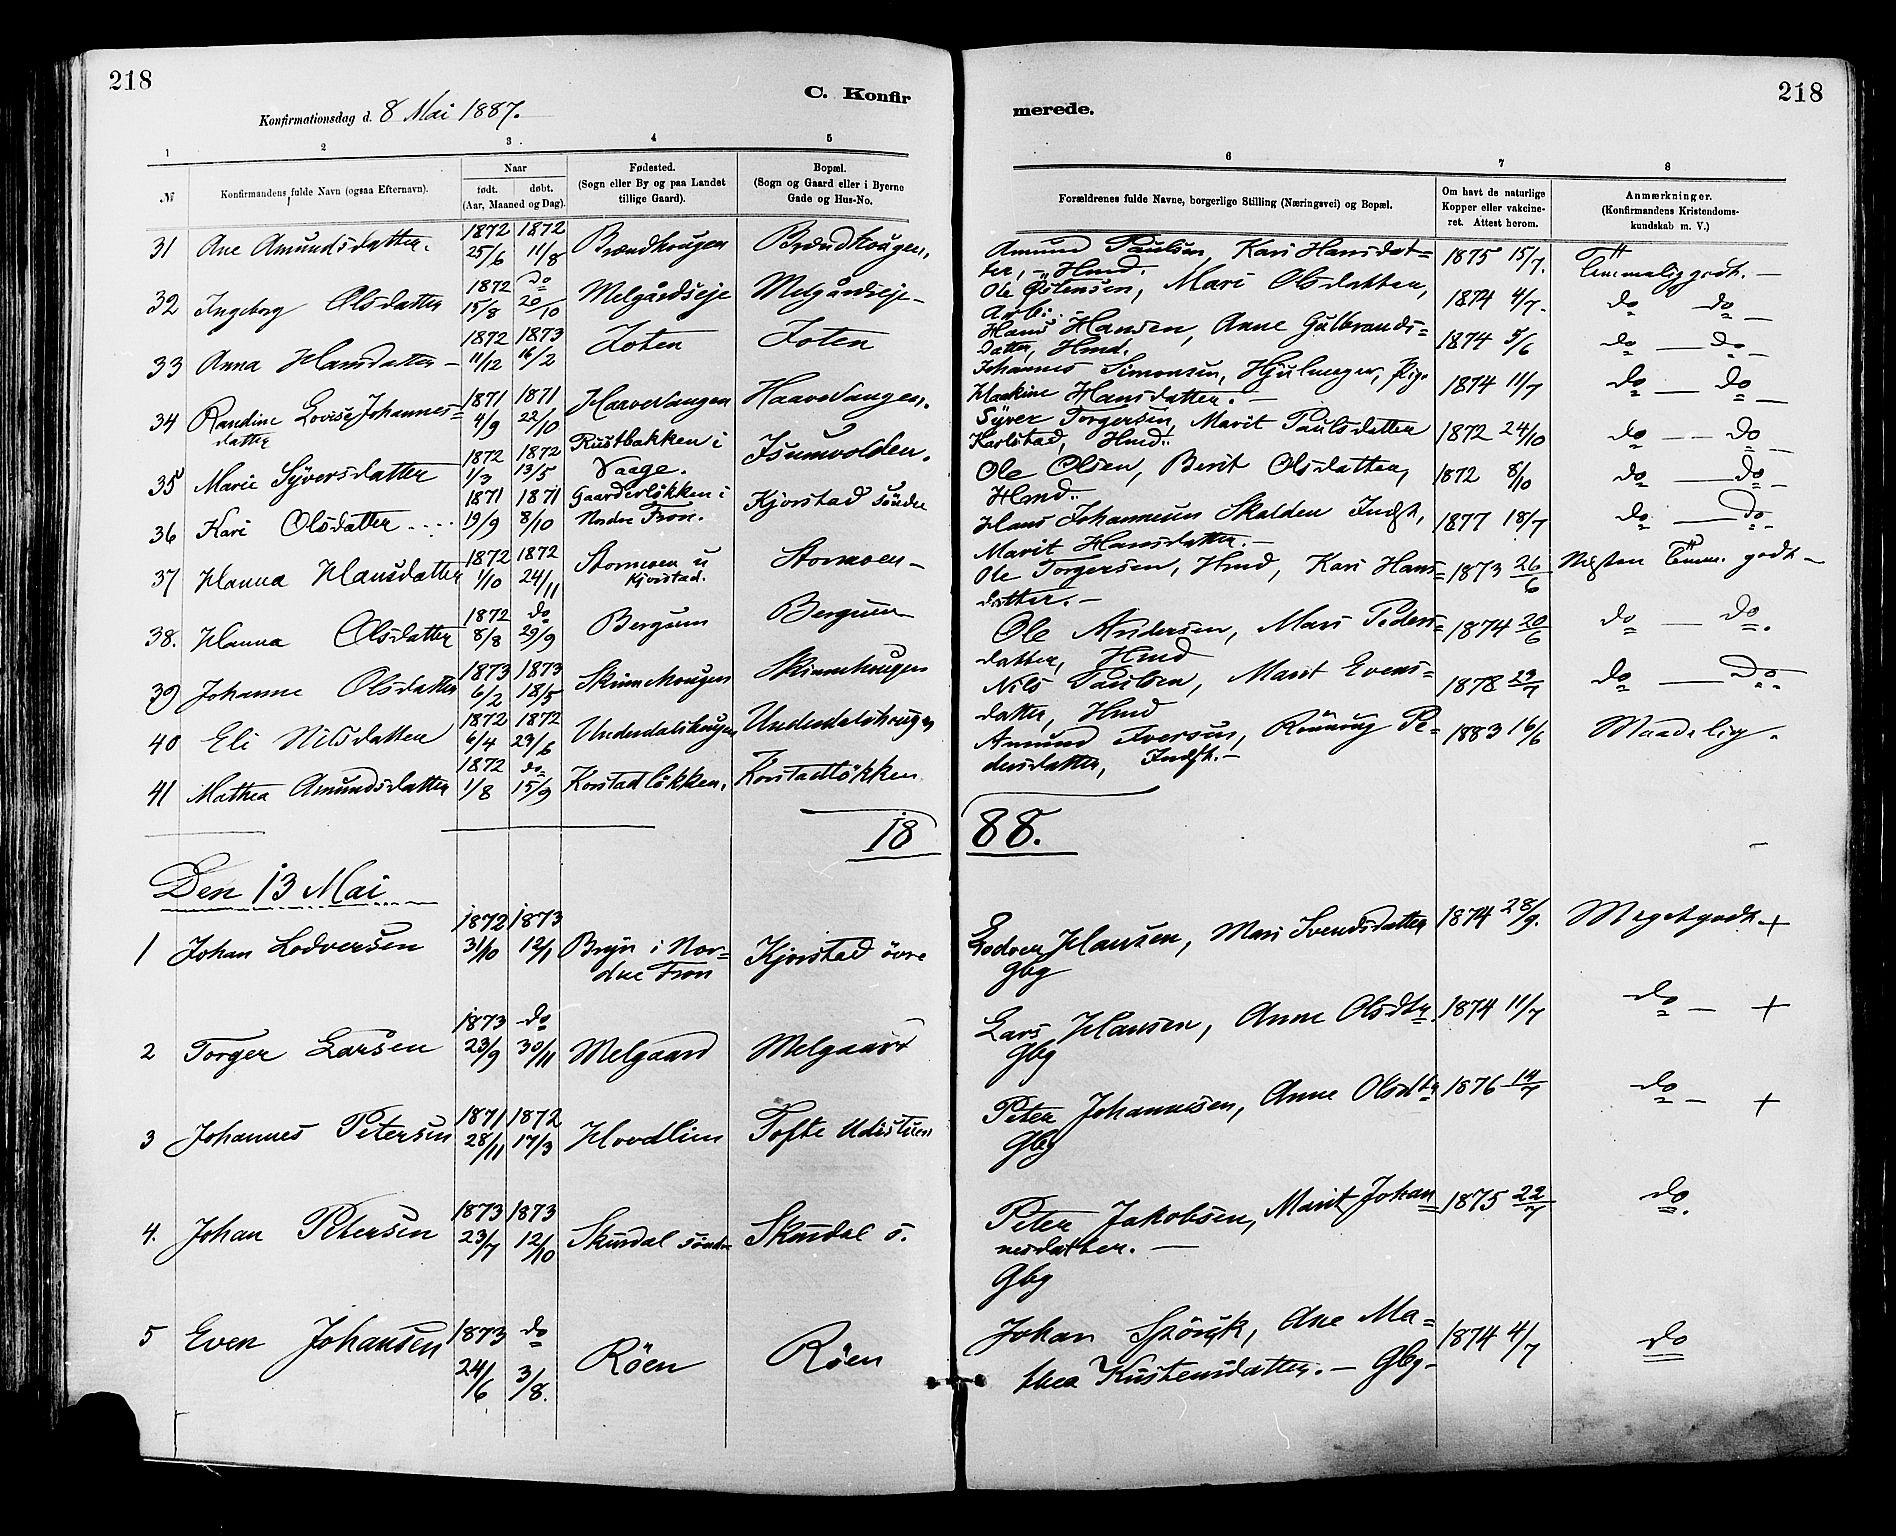 SAH, Sør-Fron prestekontor, H/Ha/Haa/L0003: Ministerialbok nr. 3, 1881-1897, s. 218